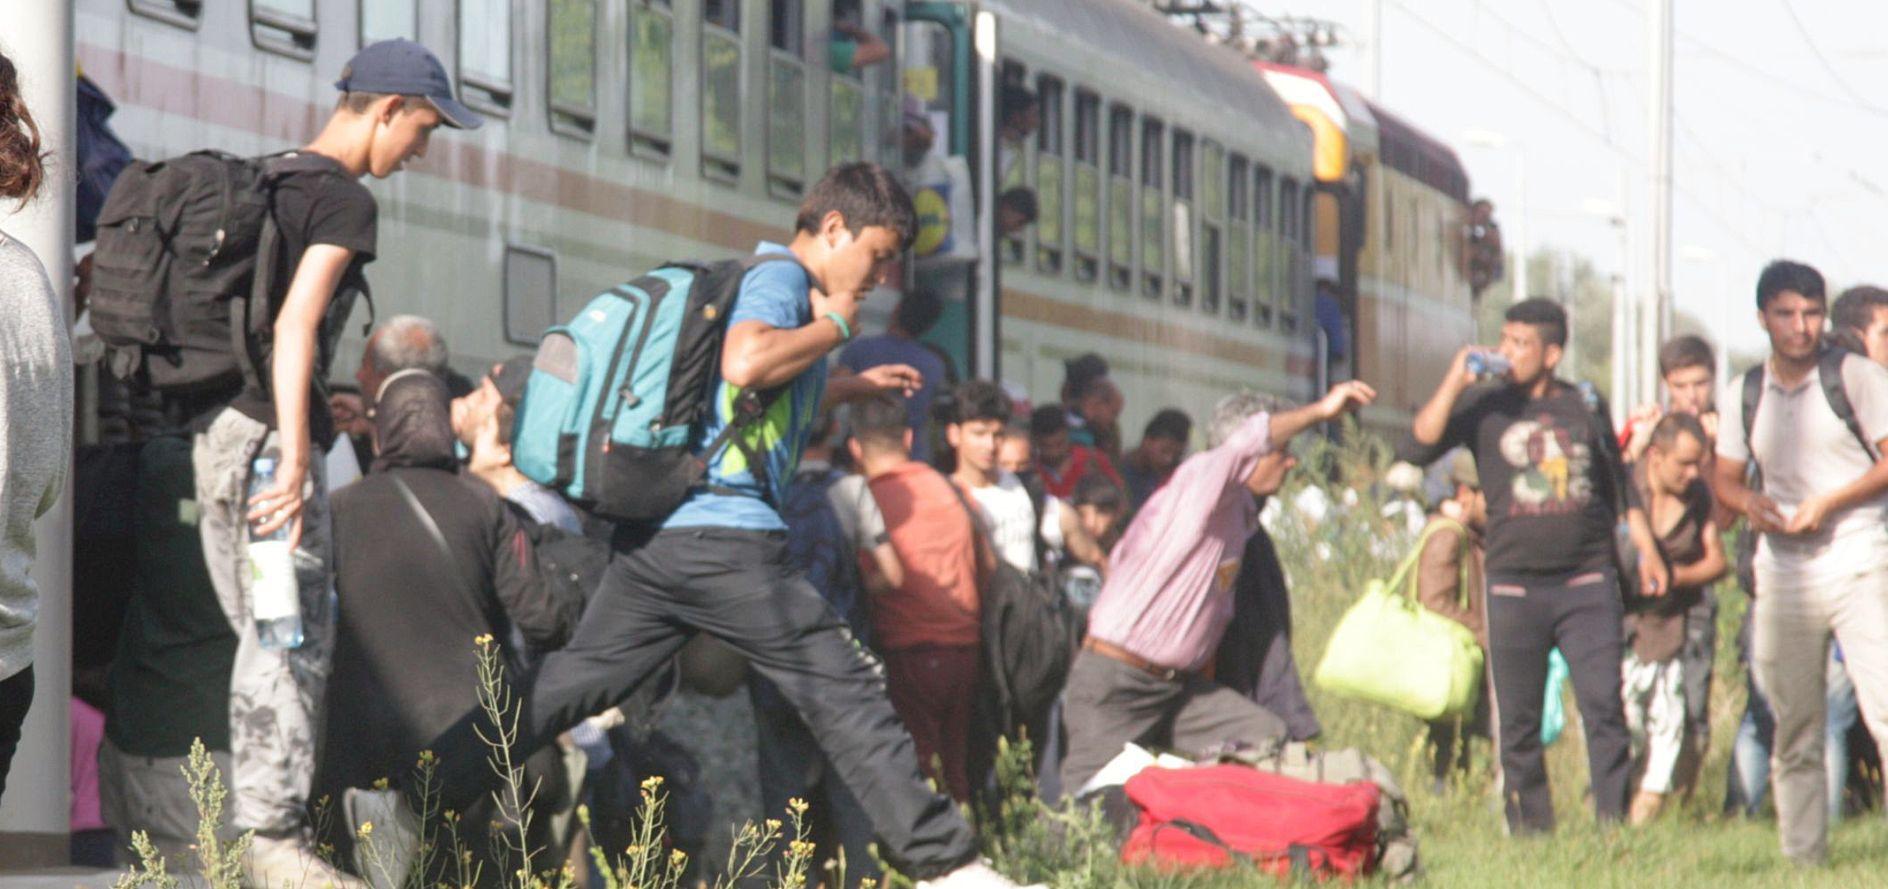 PODRAVSKA RUTA Izbjeglice vlakom do Botova pa ilegalno u Mađarsku